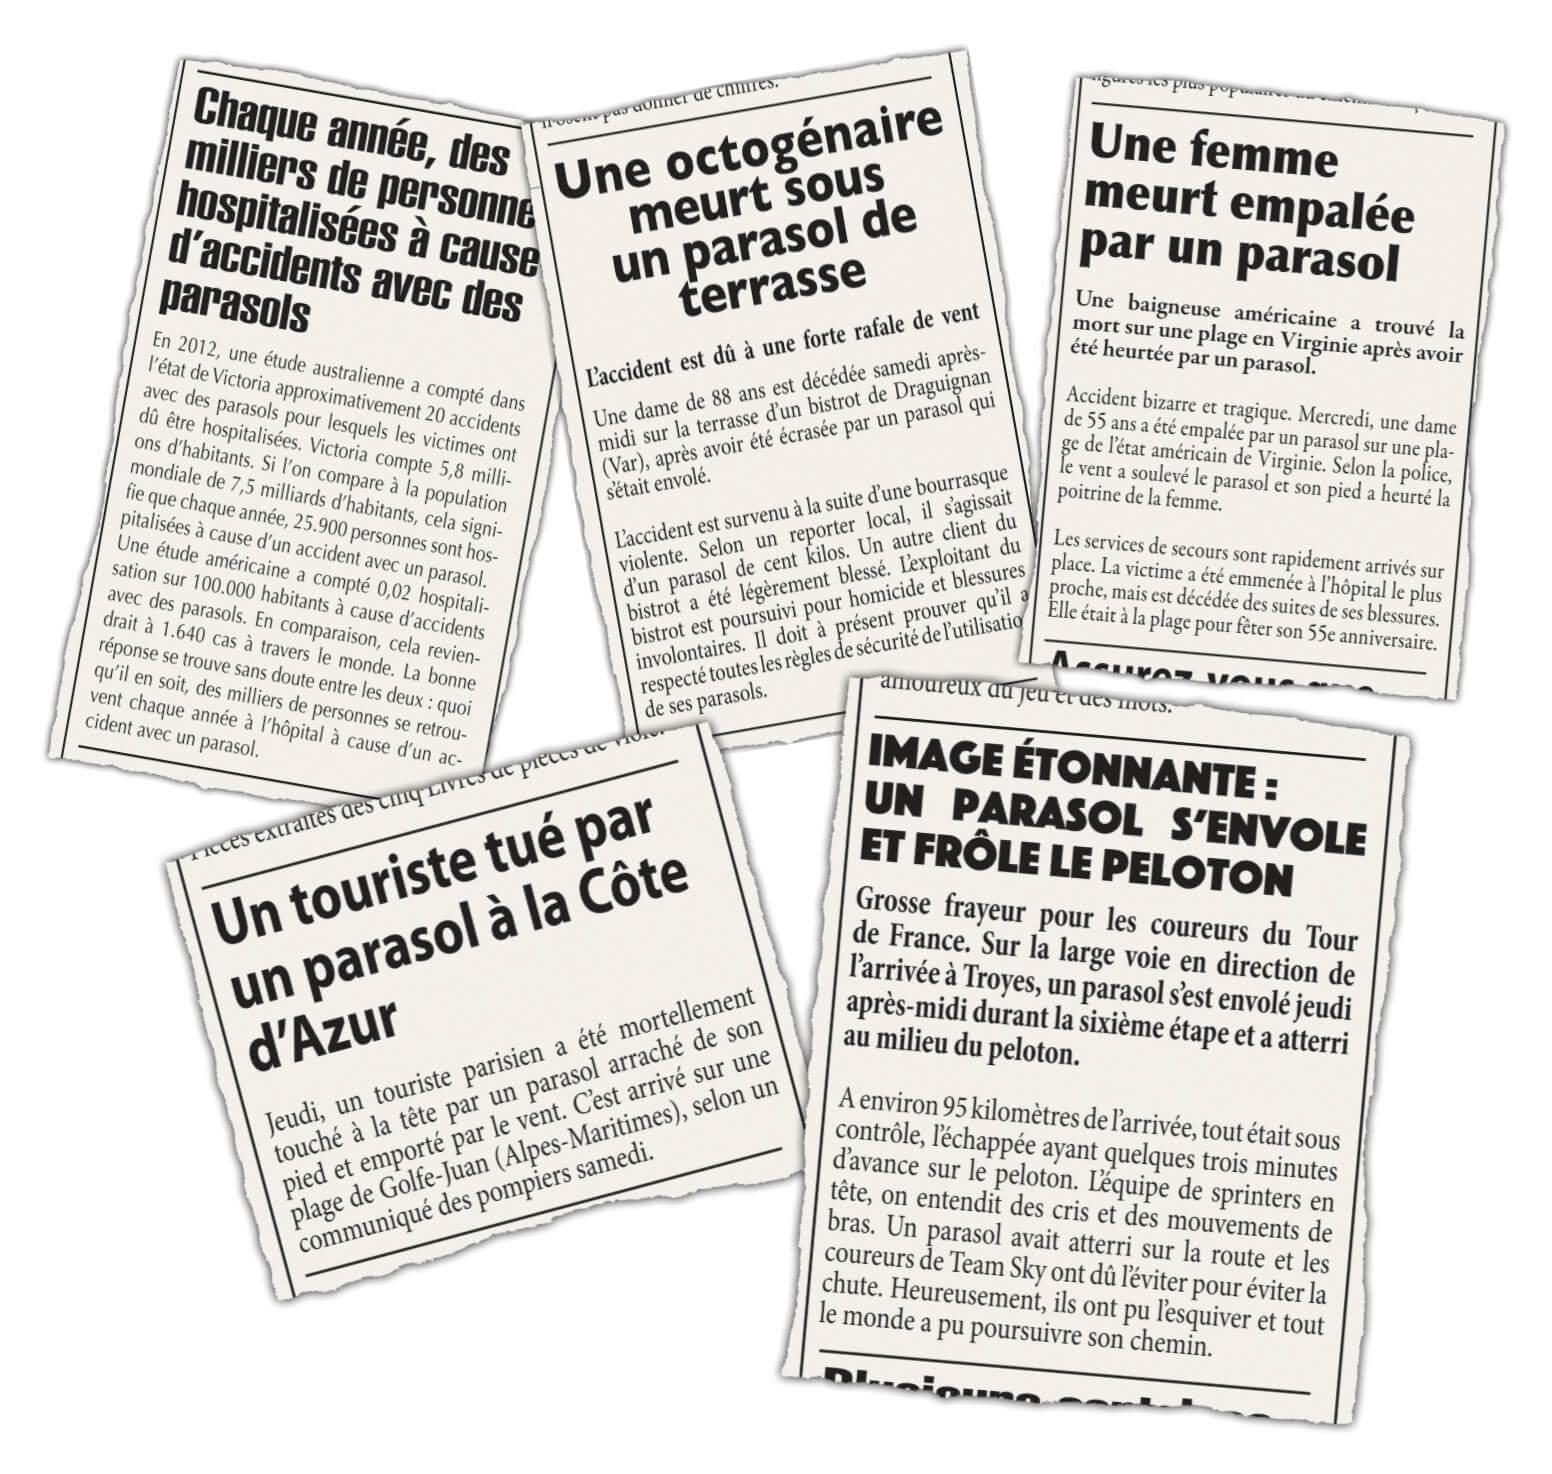 Krantenartikels over stromen en parasols